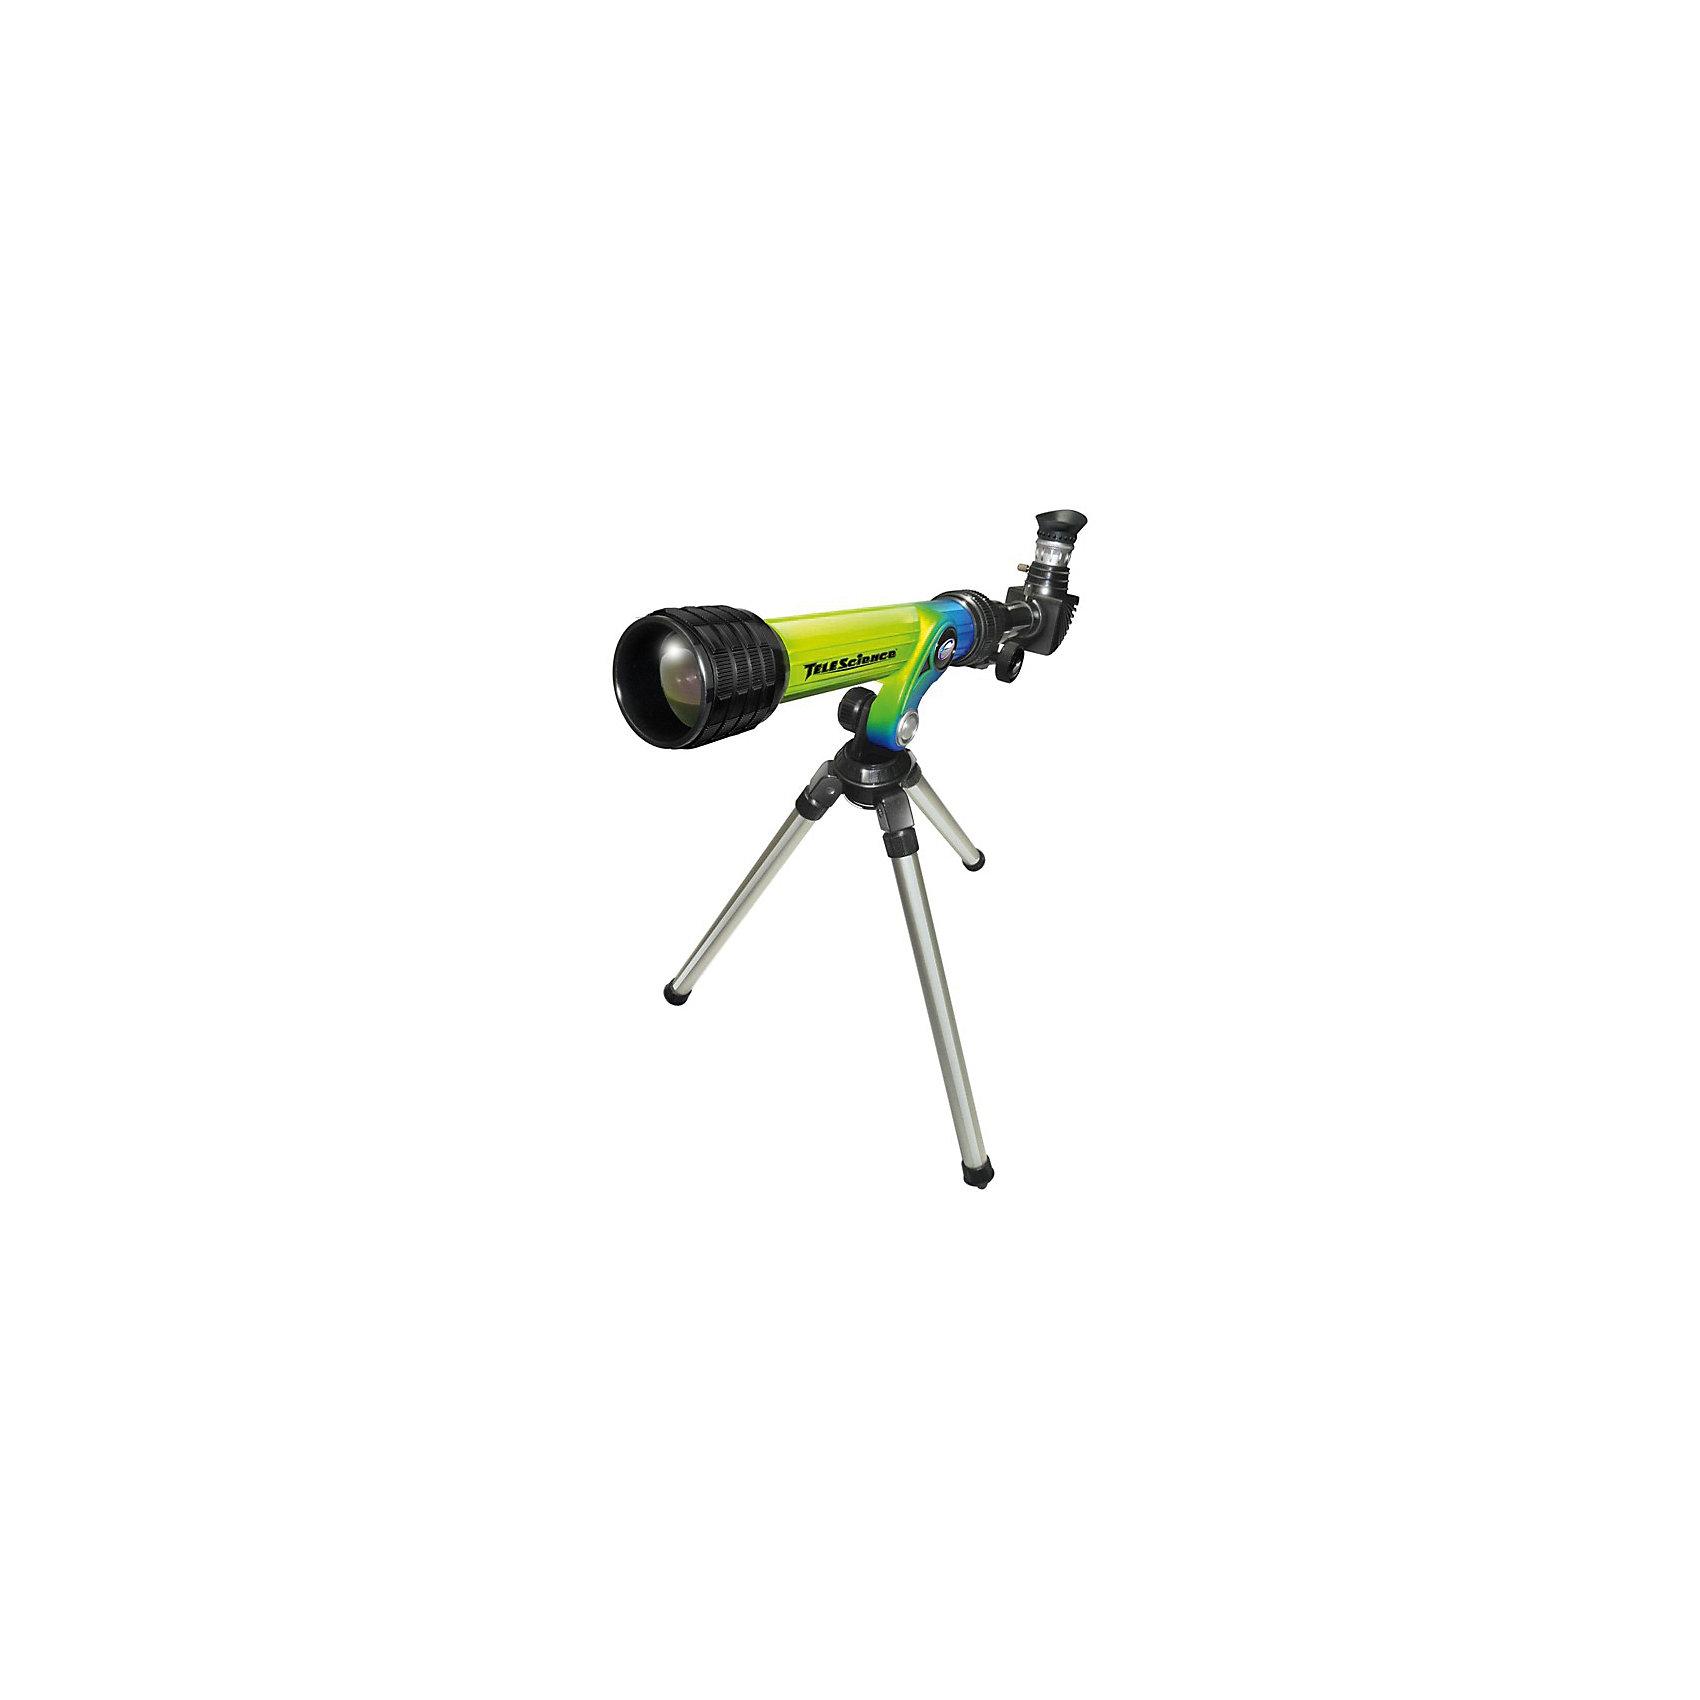 Eastcolight Телескоп HD на штативе, c аксессуарами (диагональное зеркало)Телескопы<br>Функциональный детский телескоп, который позволит детям наблюдать за планетами Солнечной системы и звёздами! Телескоп поставляется вместе со штативом, диаметр объектива 30 мм, фокусное расстояние 400 мм, диаметр окуляров 20 и 4 мм соответственно.<br><br>Дополнительная информация:<br><br>- В комплект входит: телескоп, штатив.<br>- Материал: пластик, металл.<br><br>Ширина мм: 483<br>Глубина мм: 114<br>Высота мм: 229<br>Вес г: 970<br>Возраст от месяцев: 72<br>Возраст до месяцев: 1188<br>Пол: Унисекс<br>Возраст: Детский<br>SKU: 3220274